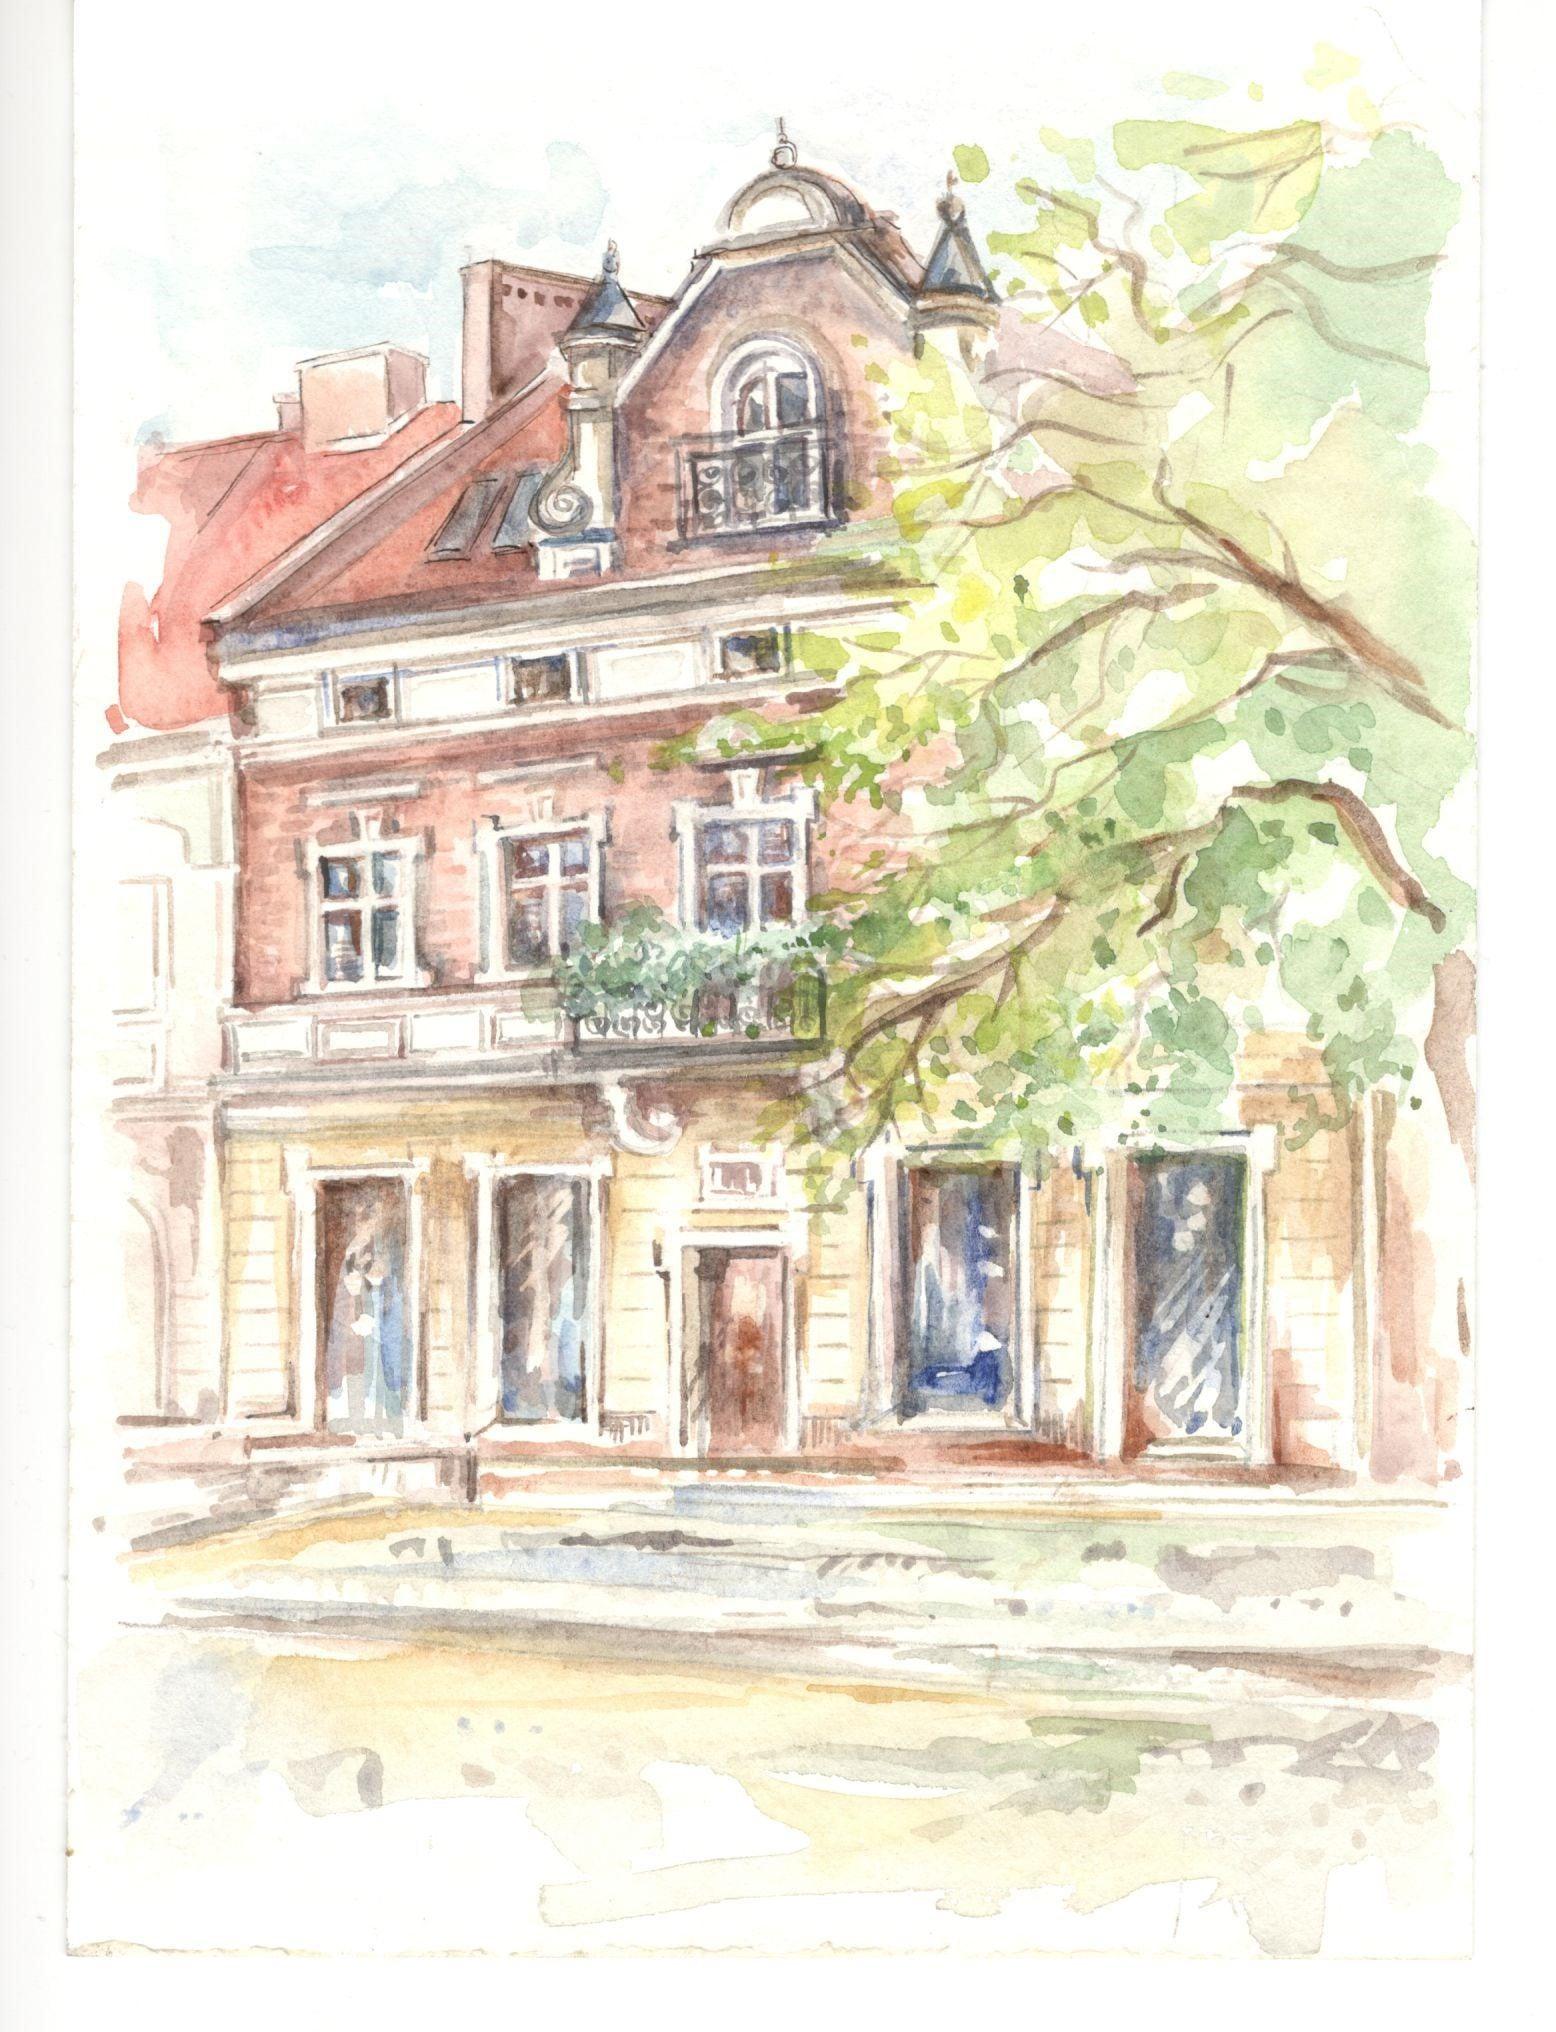 18 - Anna Brożyna, Kamieniczka przy Rynku, akwarela